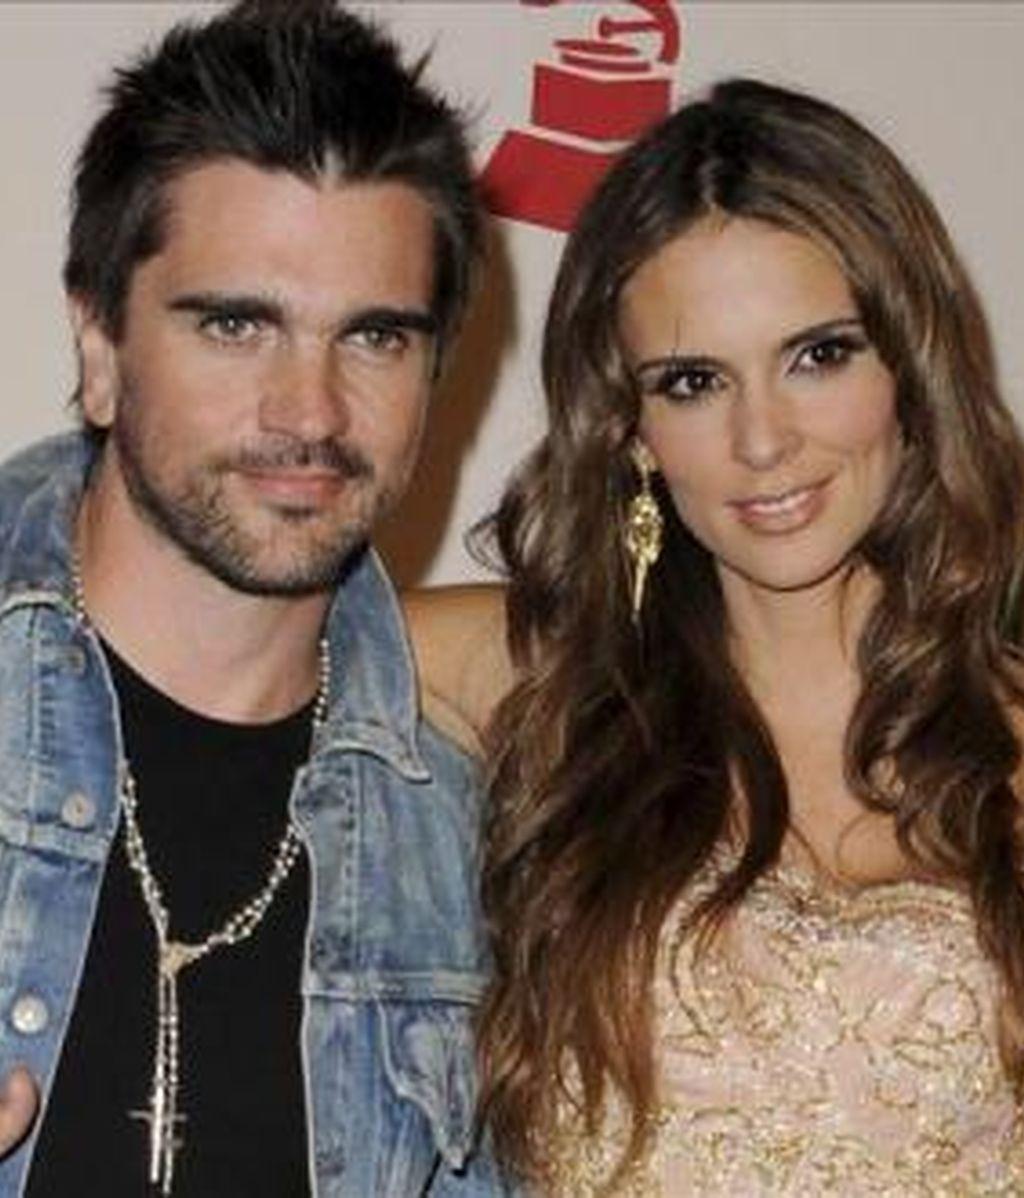 El cantante colombiano Juanes y su esposa, la actriz Karen Martínez, tienen hasta ahora dos hijas: Luna y Paloma. EFE/Archivo